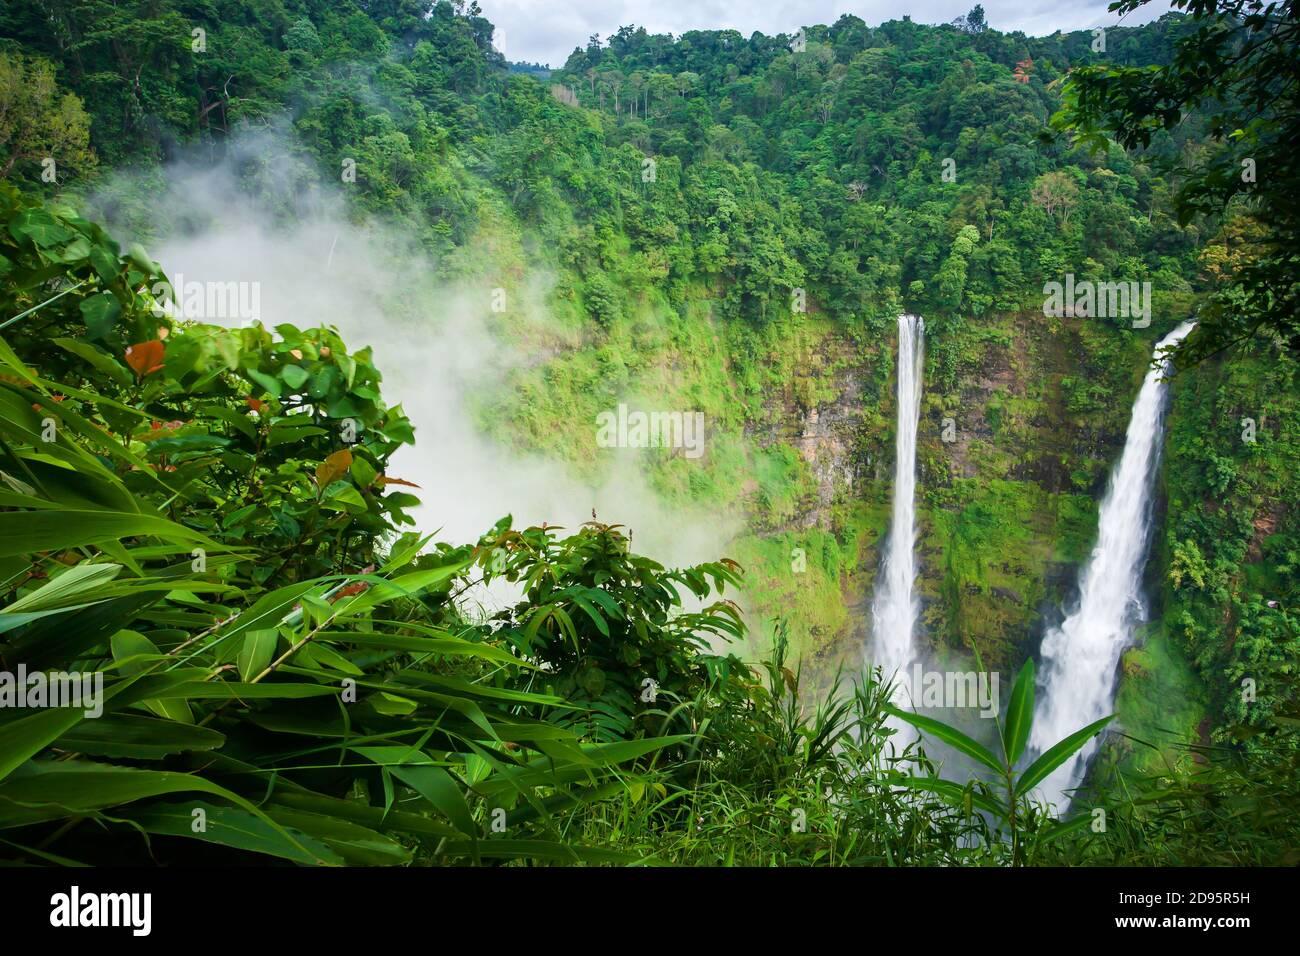 Scenario Tad Fane cascate nella nebbia mattutina, magica cascata doppia nella stagione delle piogge, attrazioni turistiche nel Laos del Sud. Foto Stock